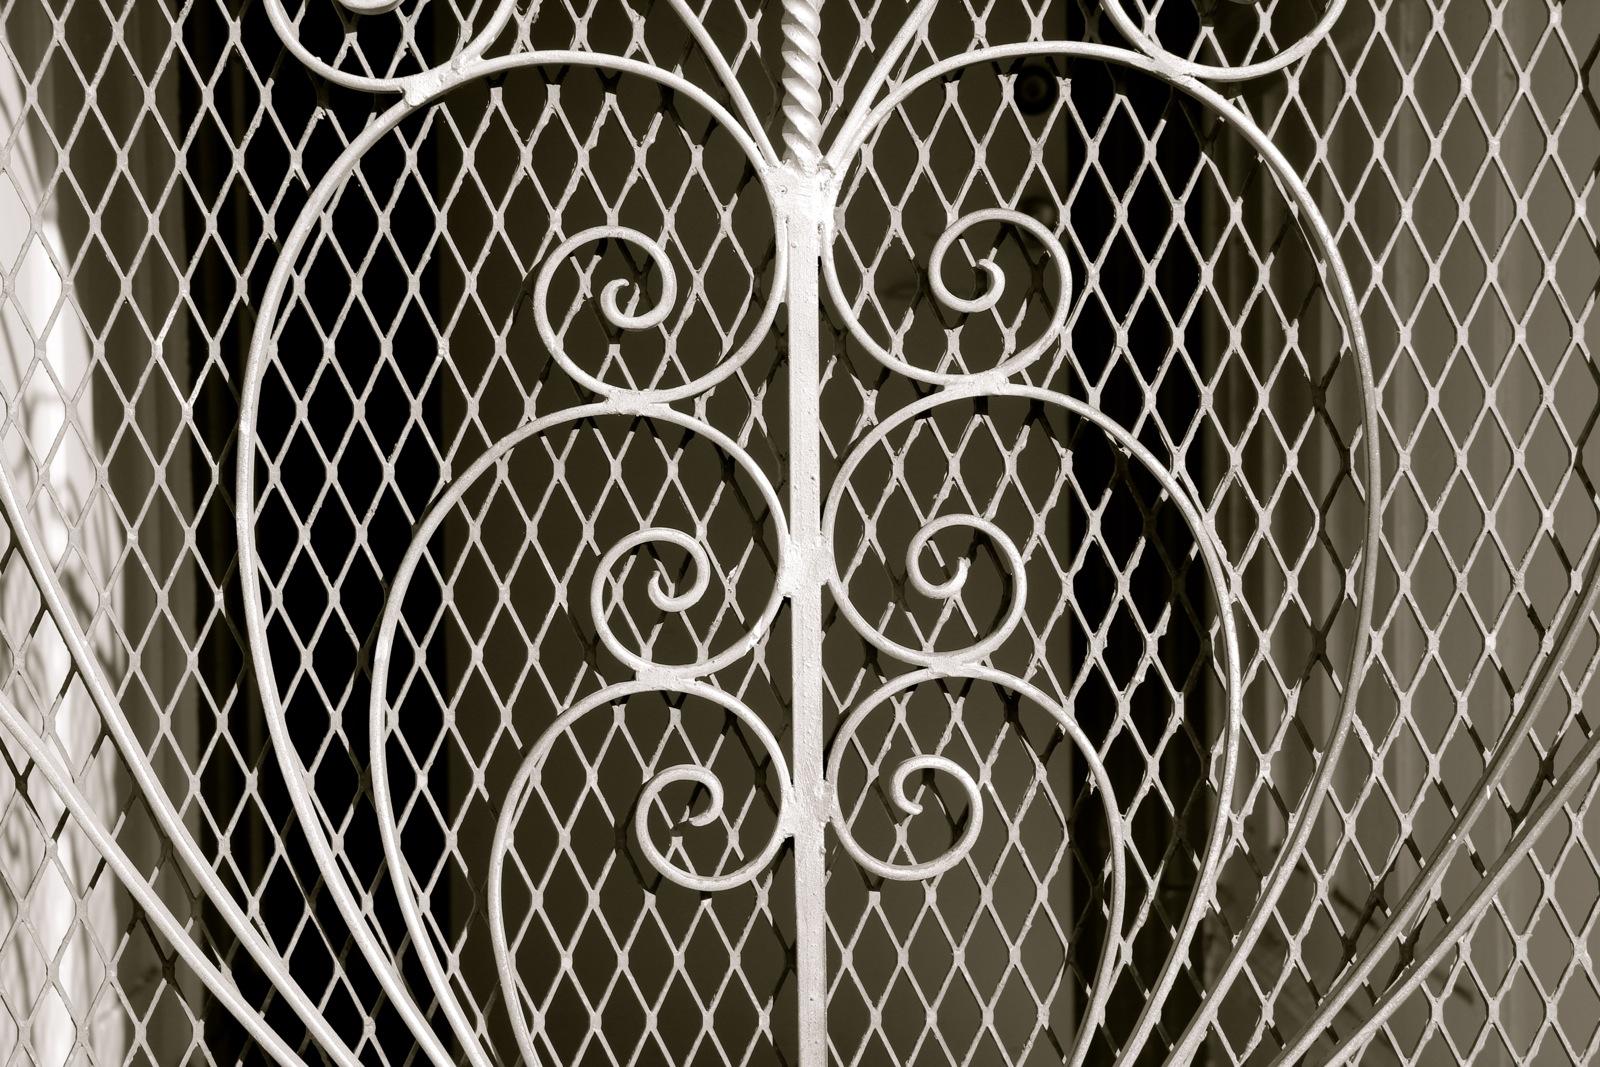 SNAP: Symmetry Is Beautiful